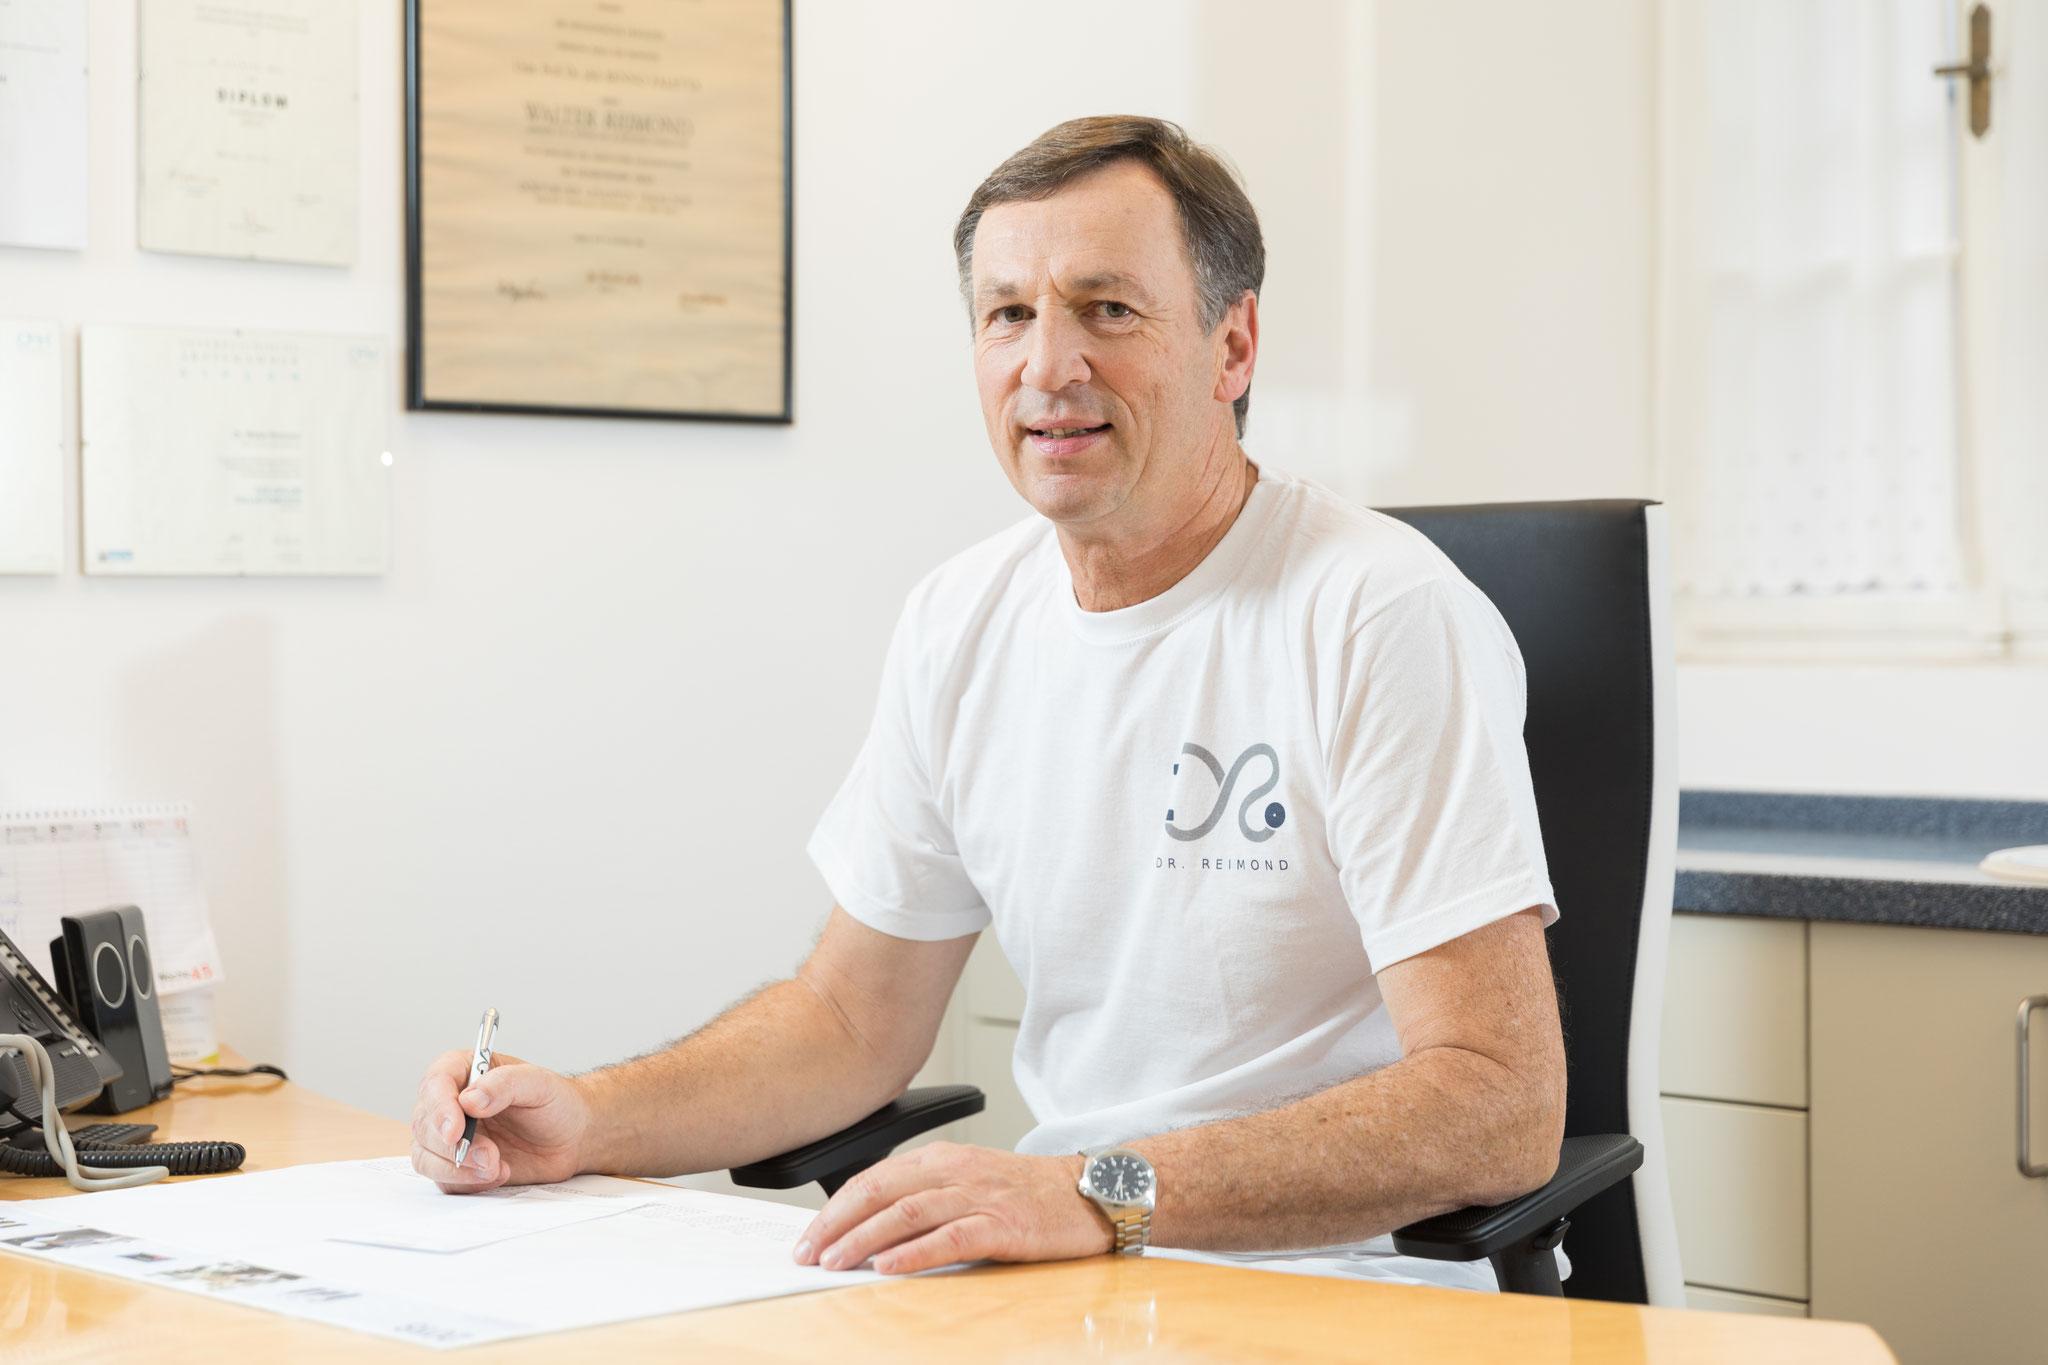 Dr. Walter Reimond